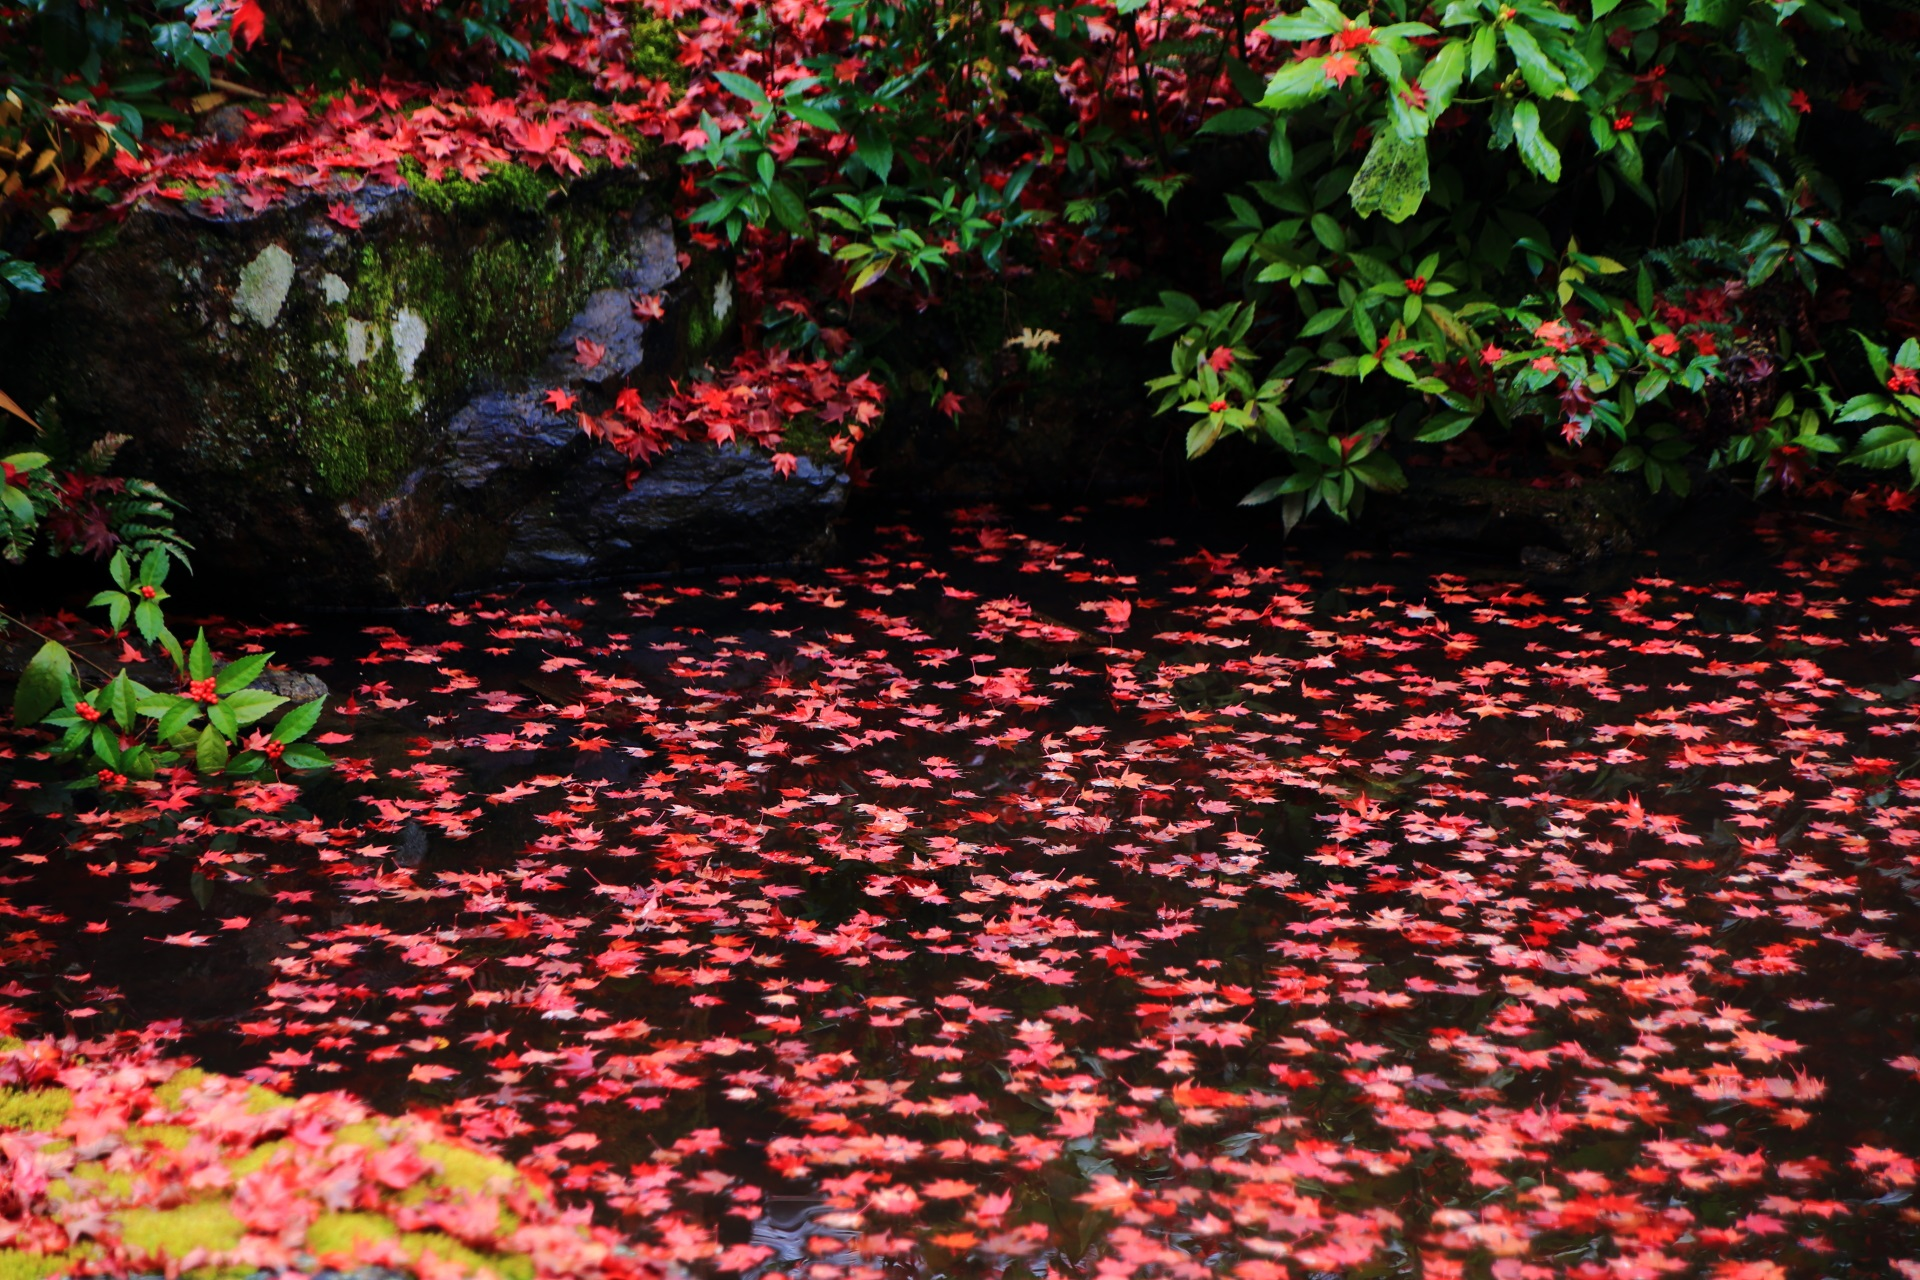 実相院門跡の池の上に散った鮮やかな紅葉